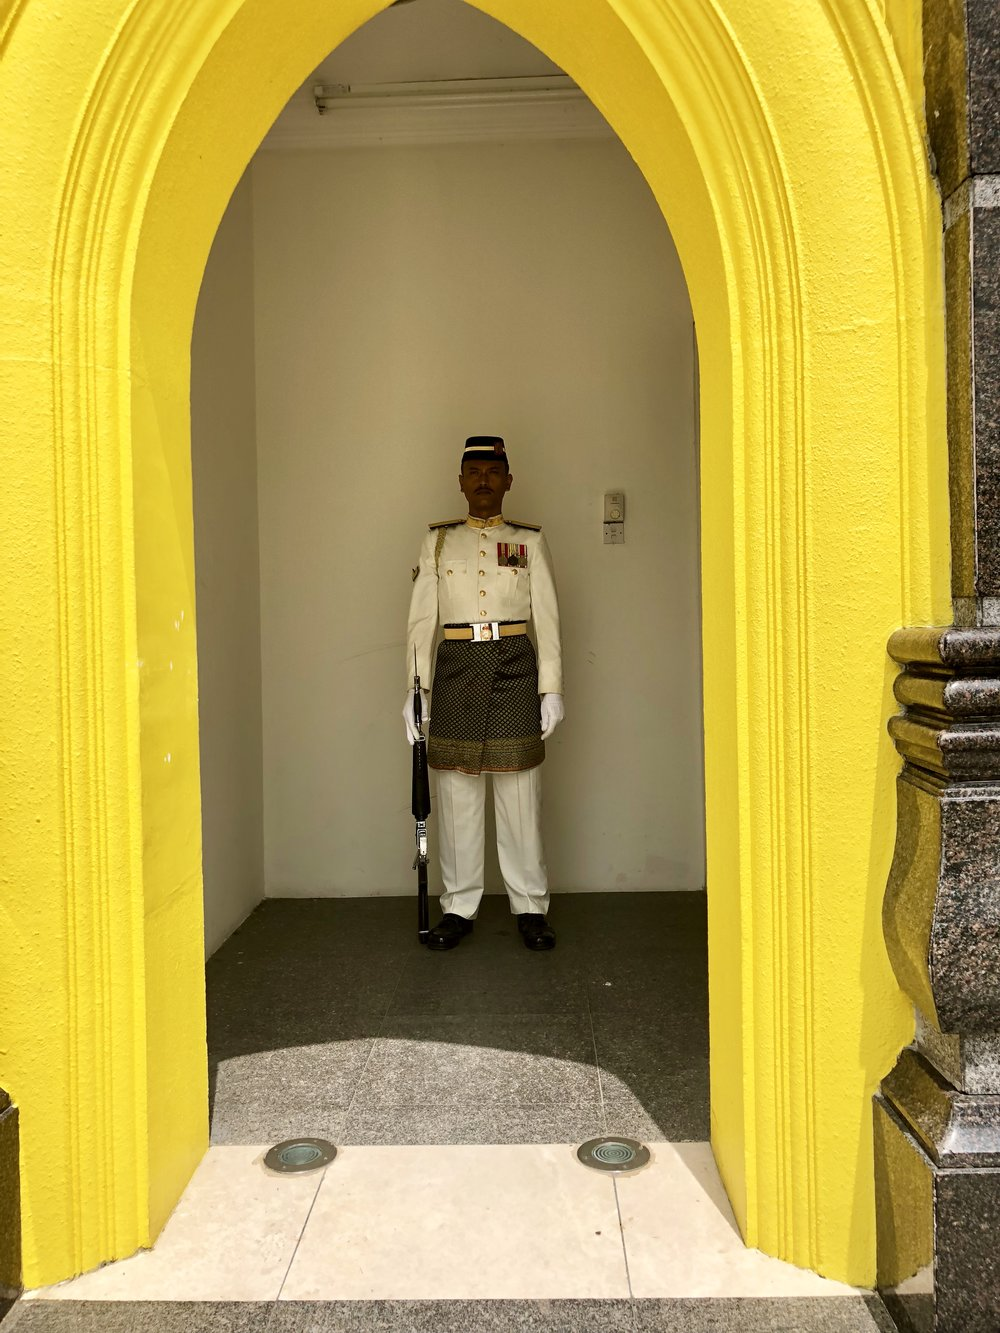 Malaysia Palace Guard 1.jpg